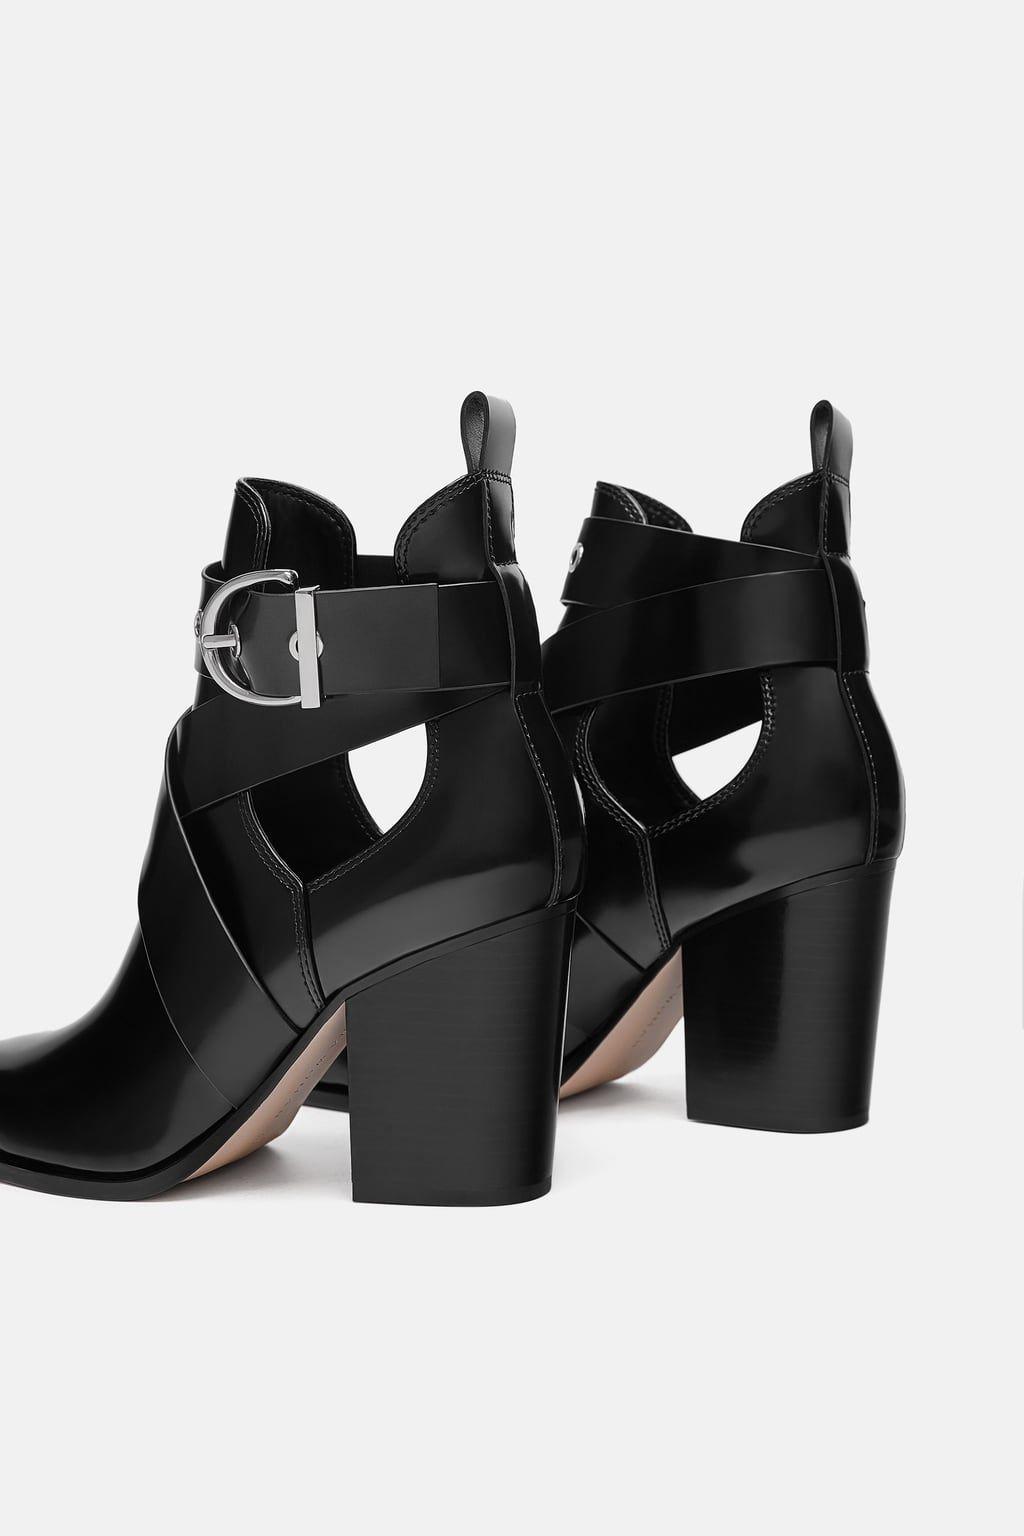 Bild 5 von STIEFELETTE MIT CUT-OUT von Zara   Shoes   Zara, High ... b567e40cc2